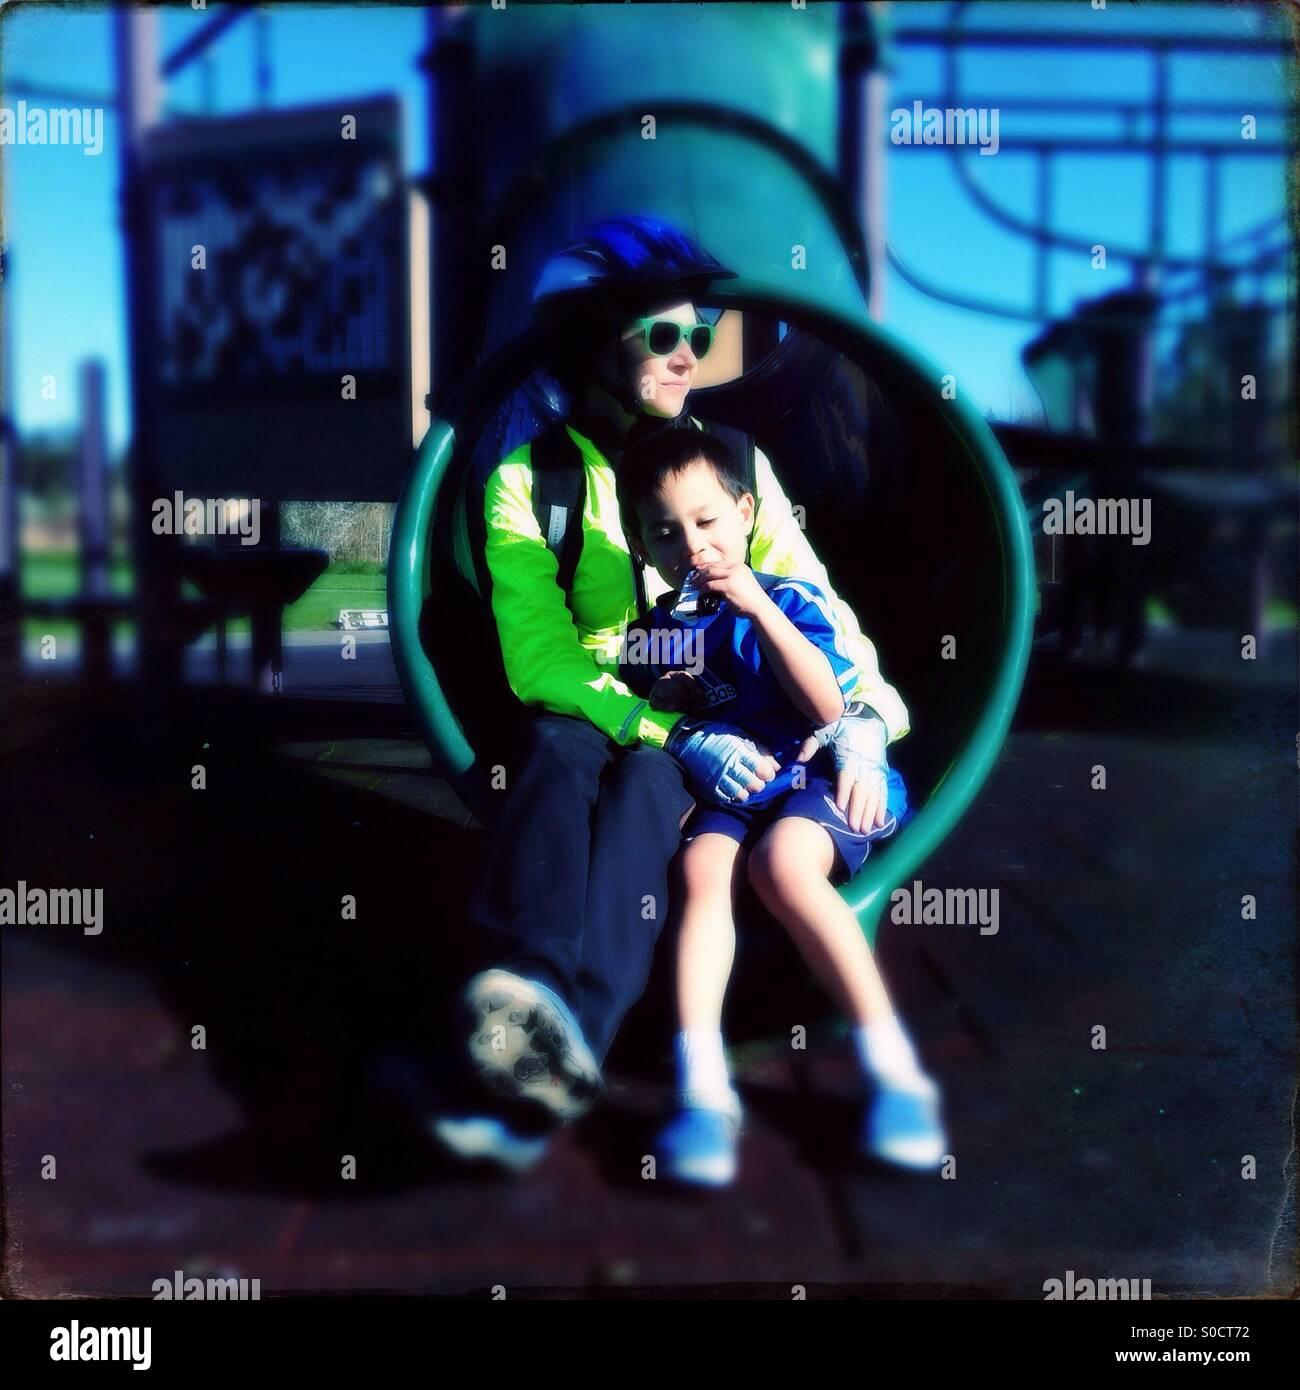 La mère et l'enfant sur l'aire de glisse Photo Stock